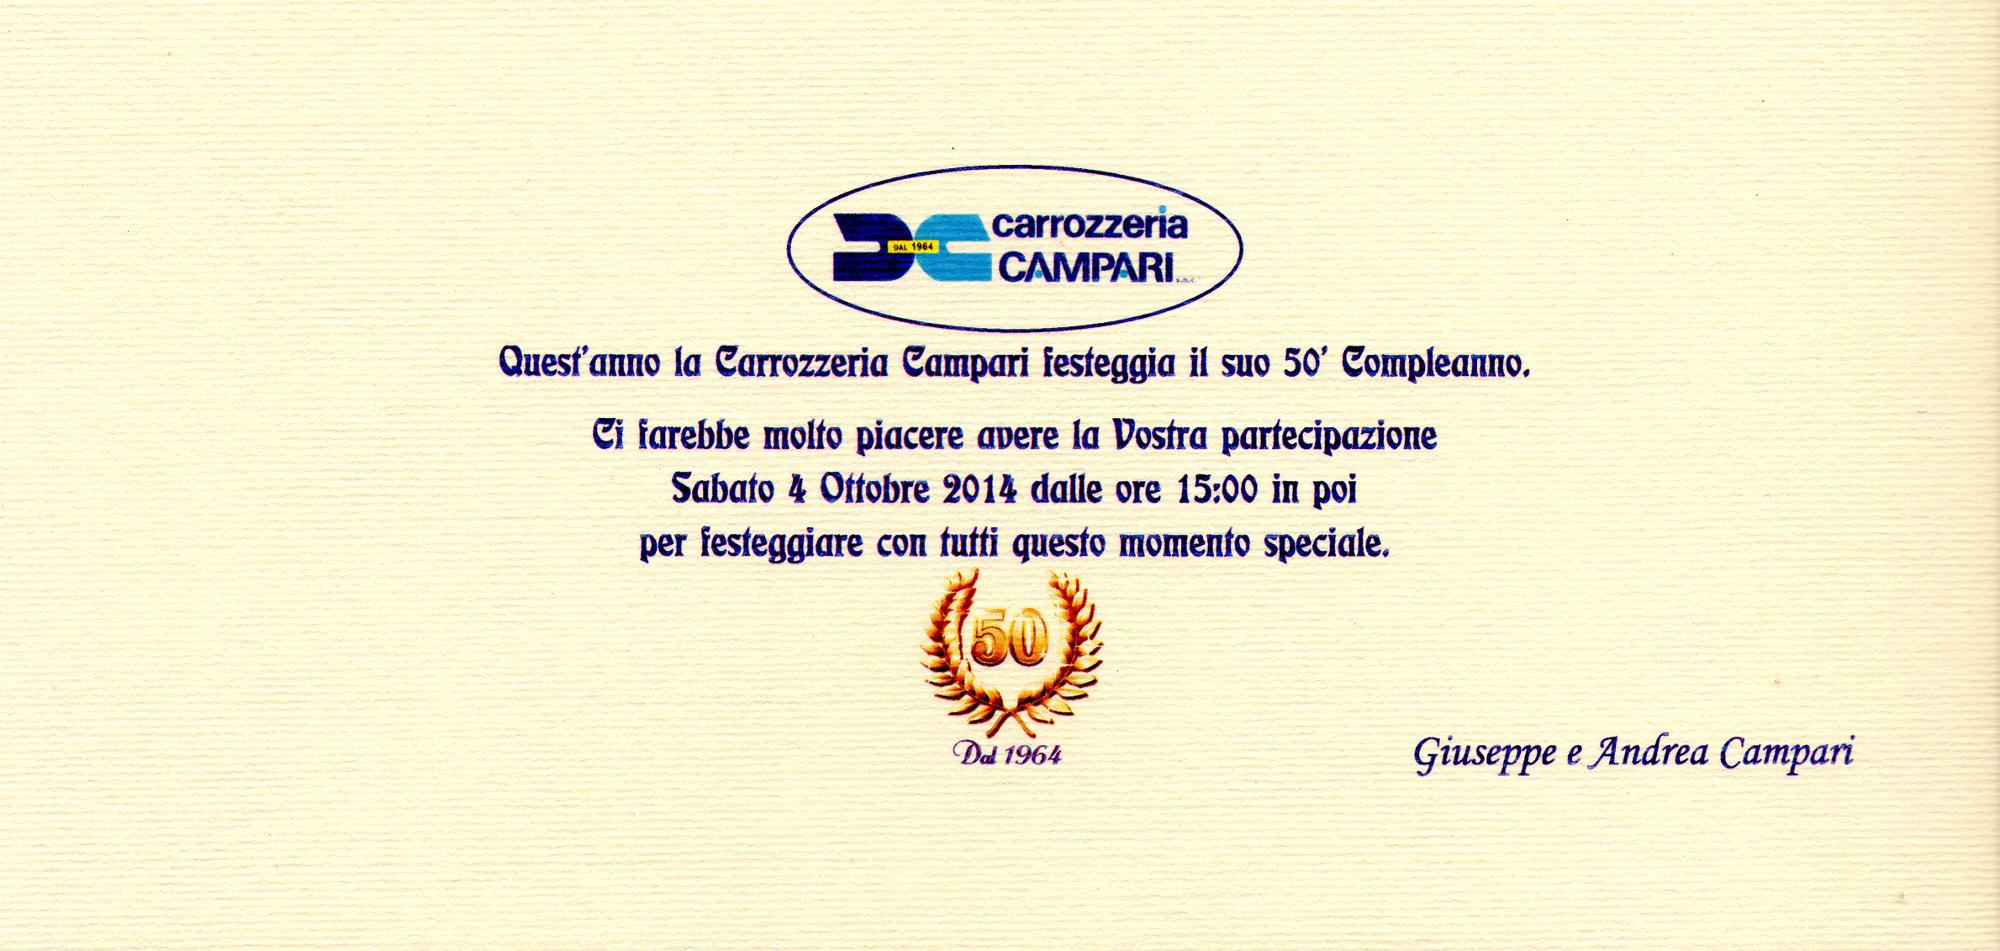 Carrozzeria-Campari-Invito-50o